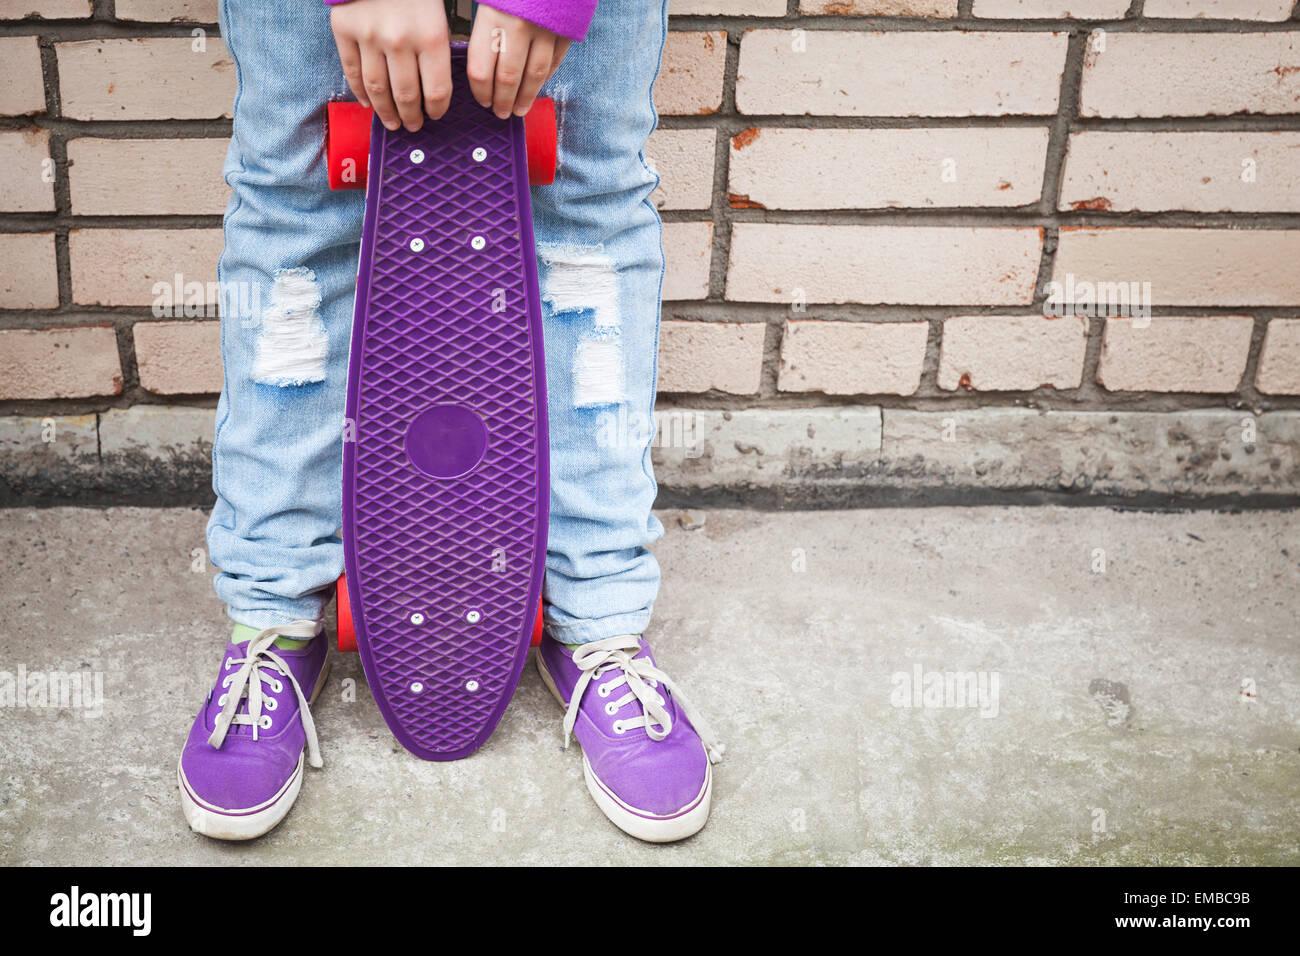 Ragazza adolescente in jeans e gumshoes detiene skateboard vicino dal grigio urbano parete di mattoni Immagini Stock